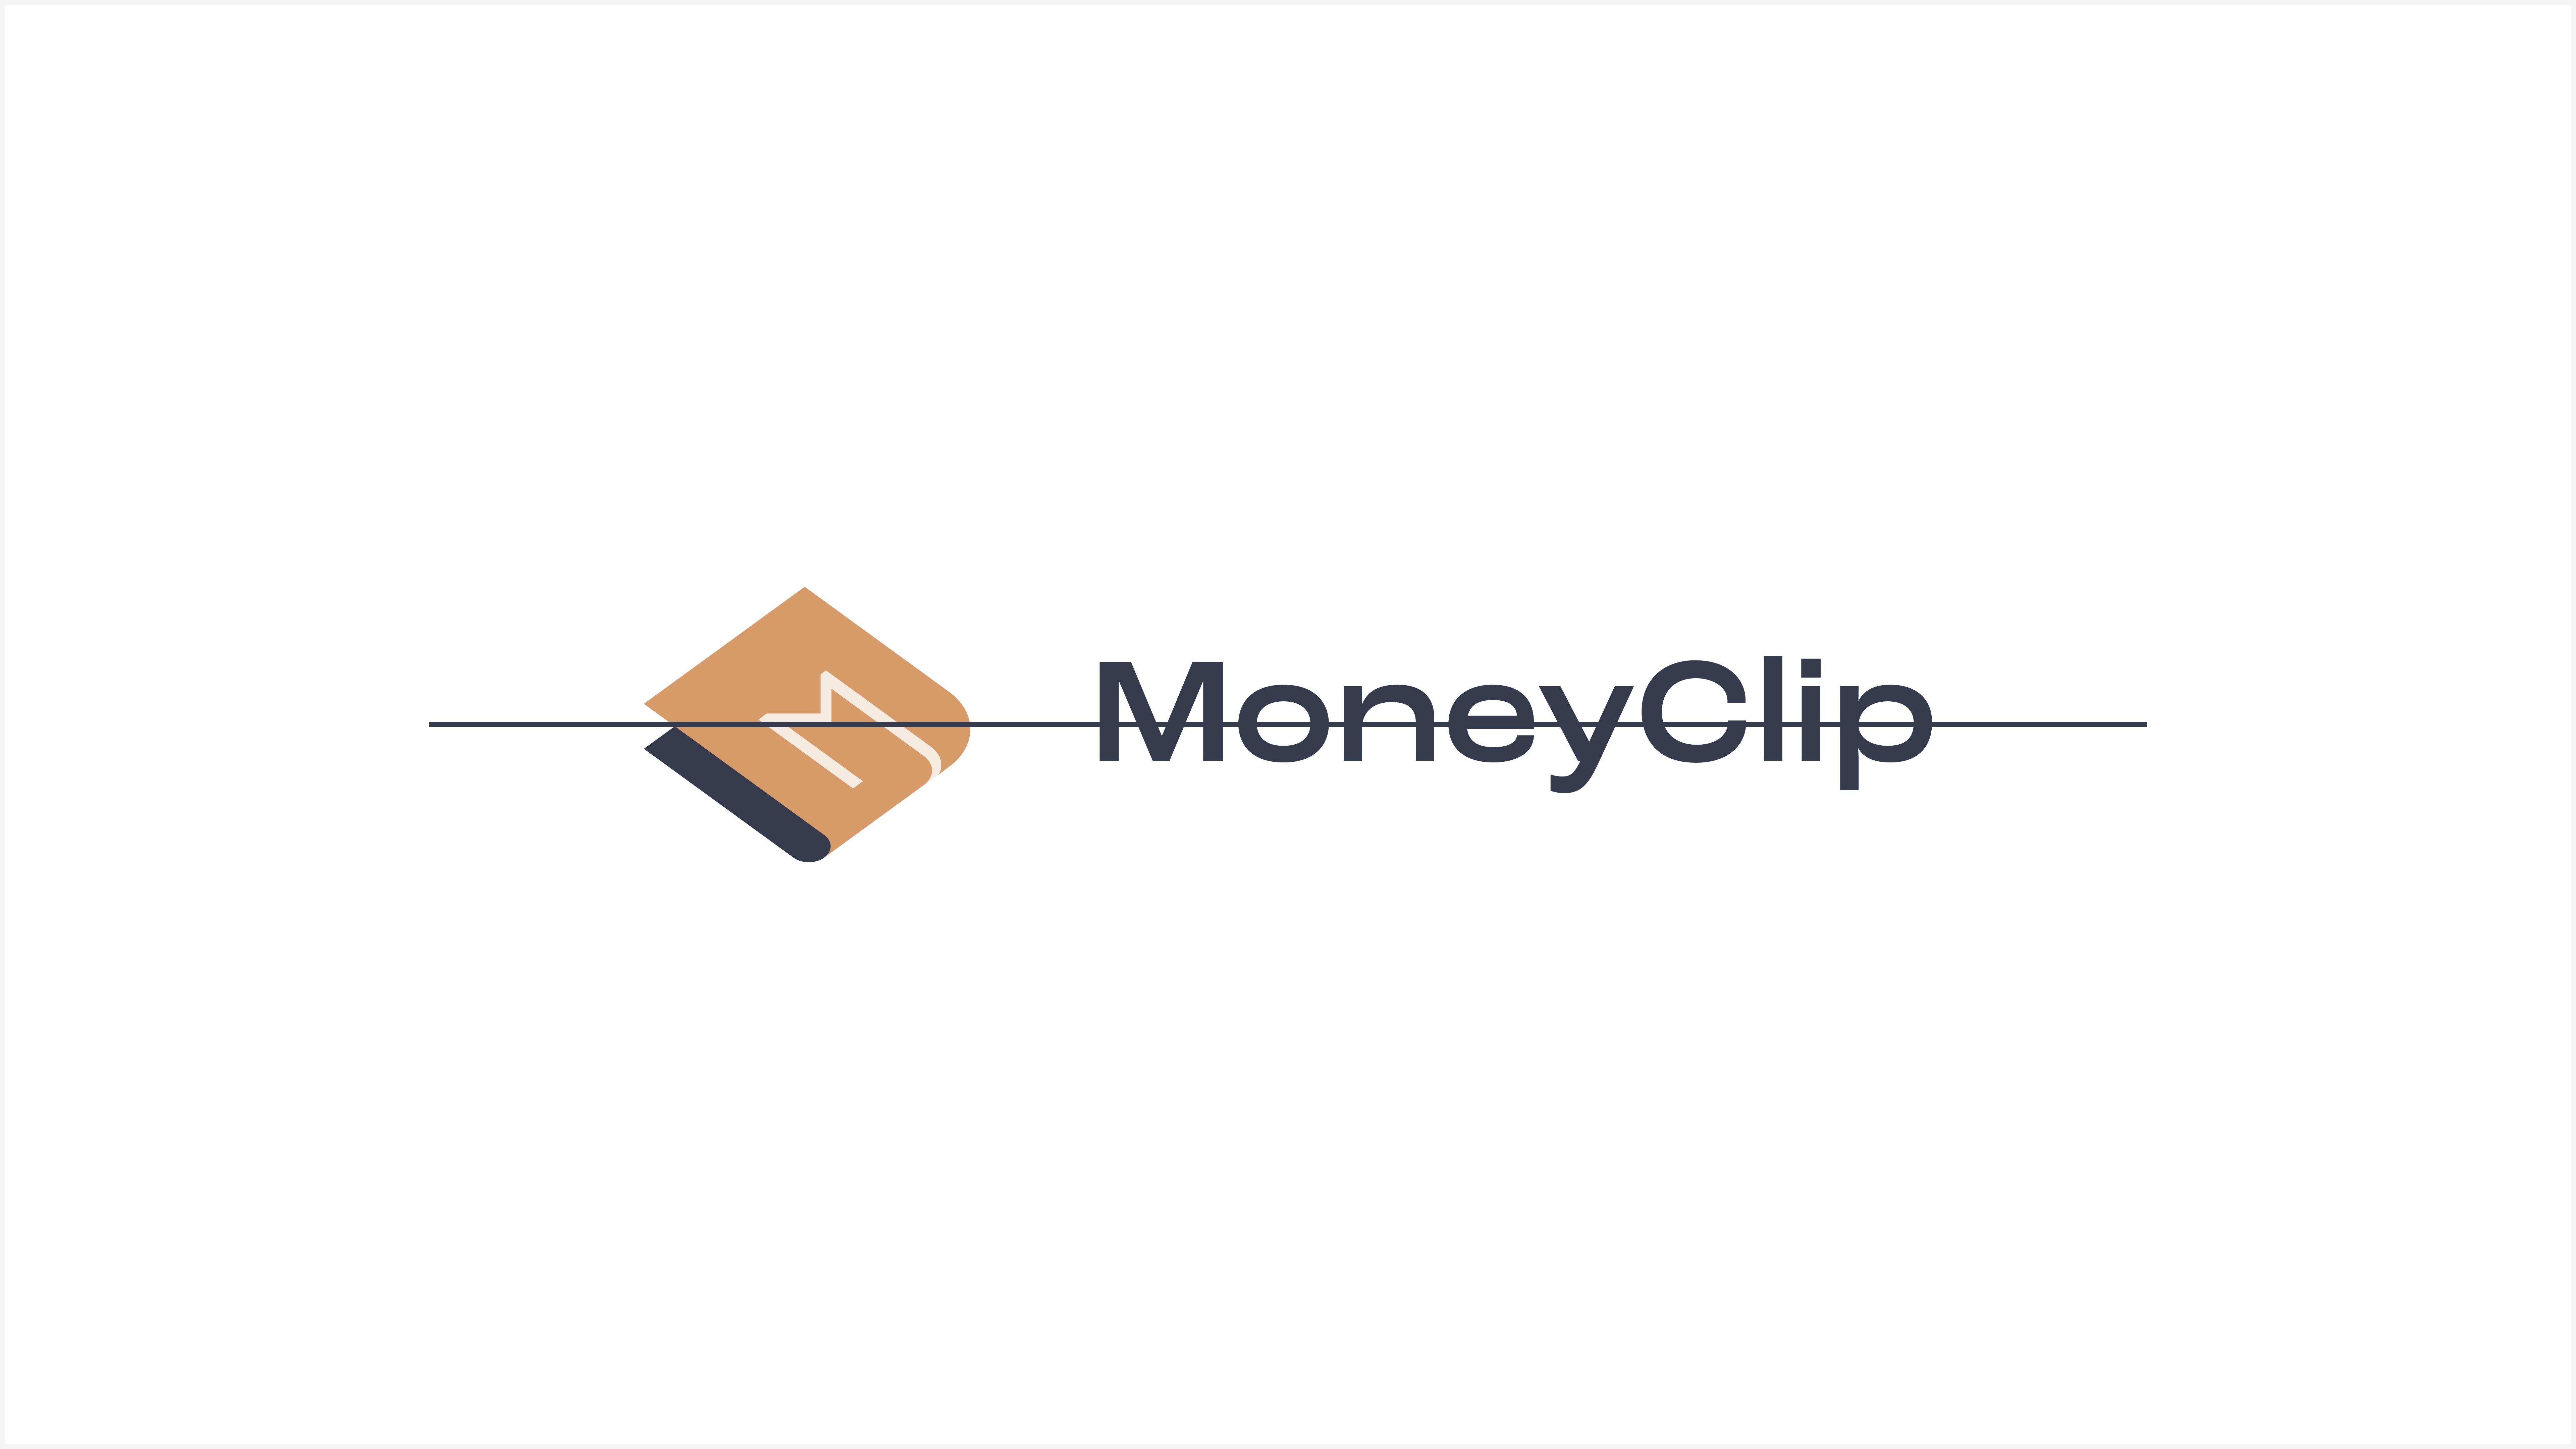 moneyclip-misuse-b